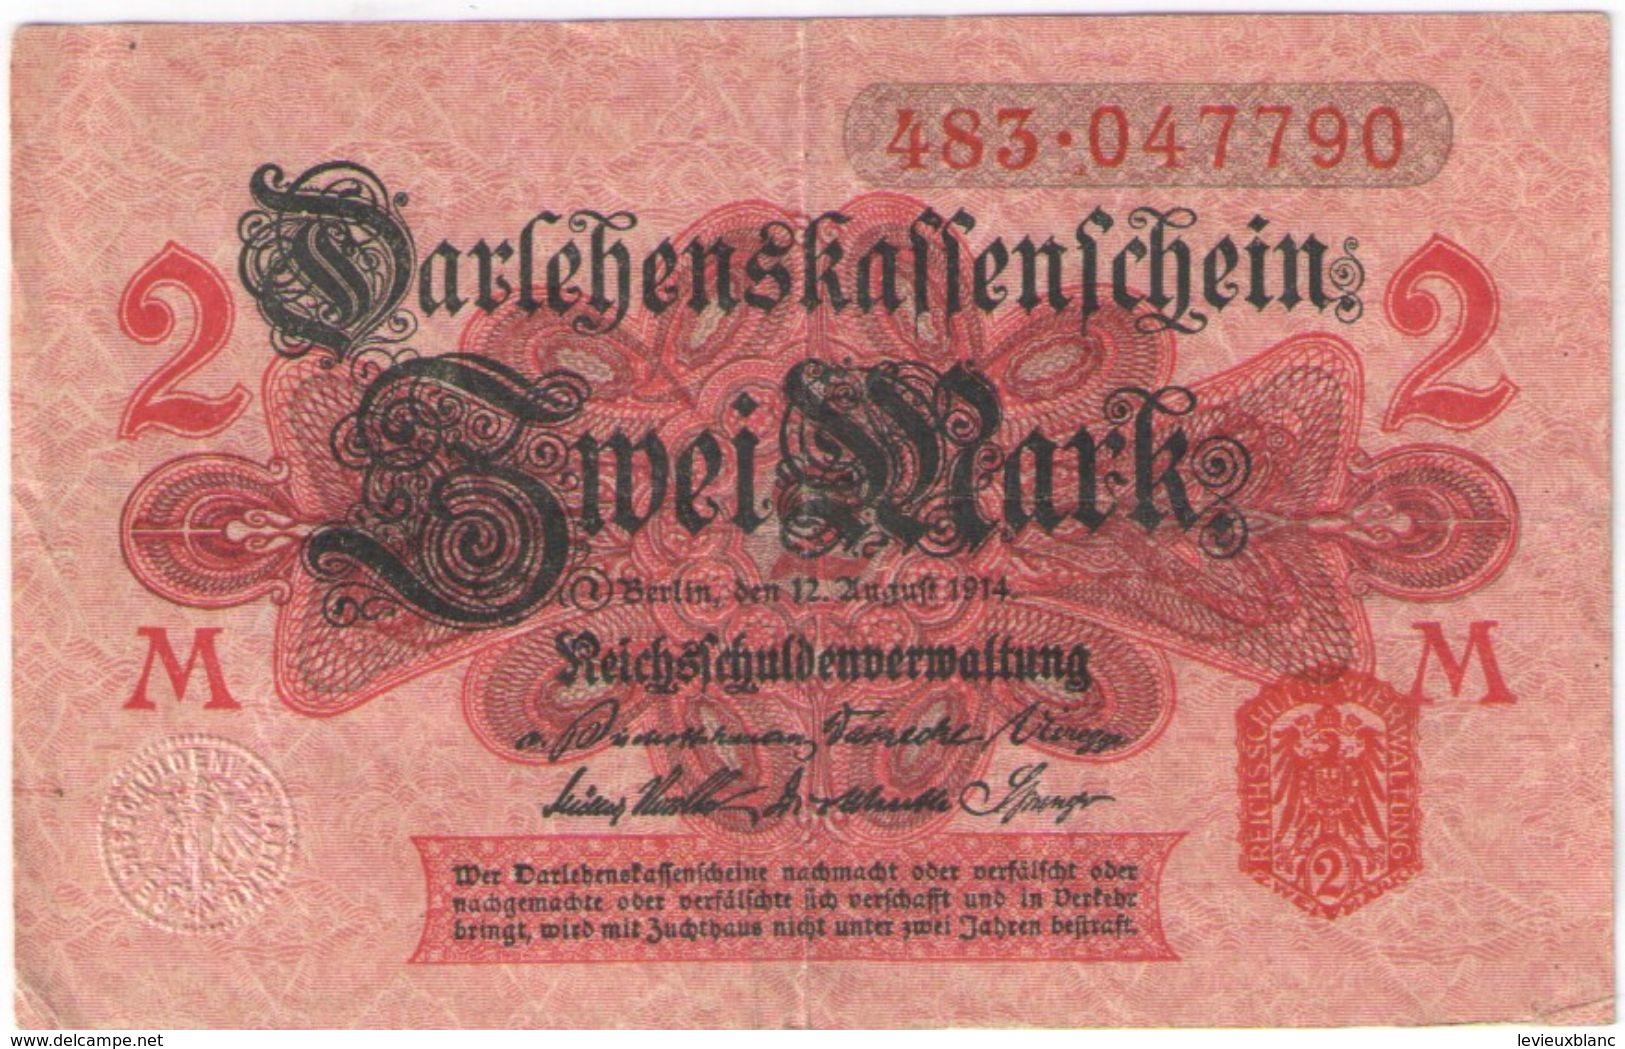 2 Mark /  Twei Mark/Reichsfchulderverwaltung/1914                BILL191 - Altri